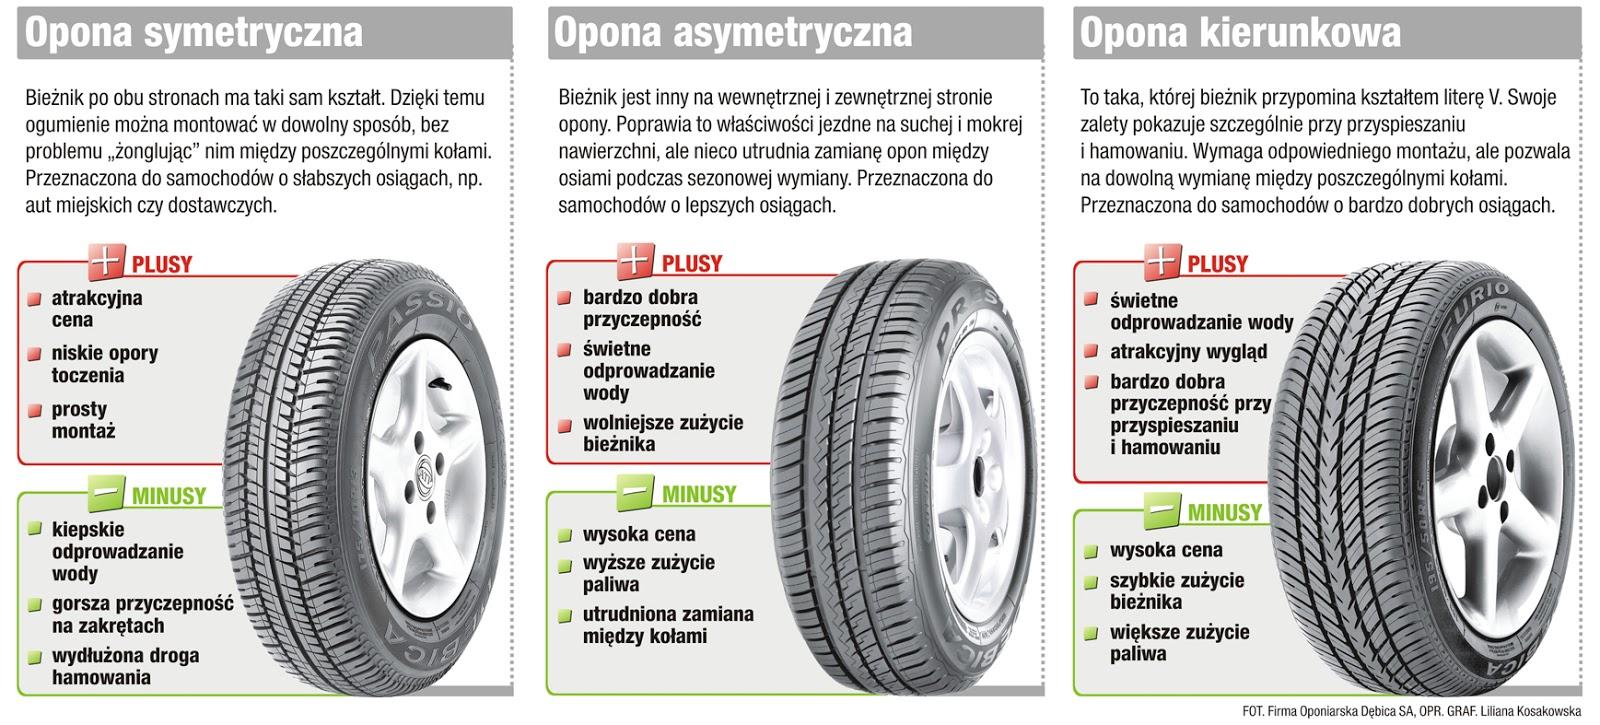 Opony asymetryczne – problem